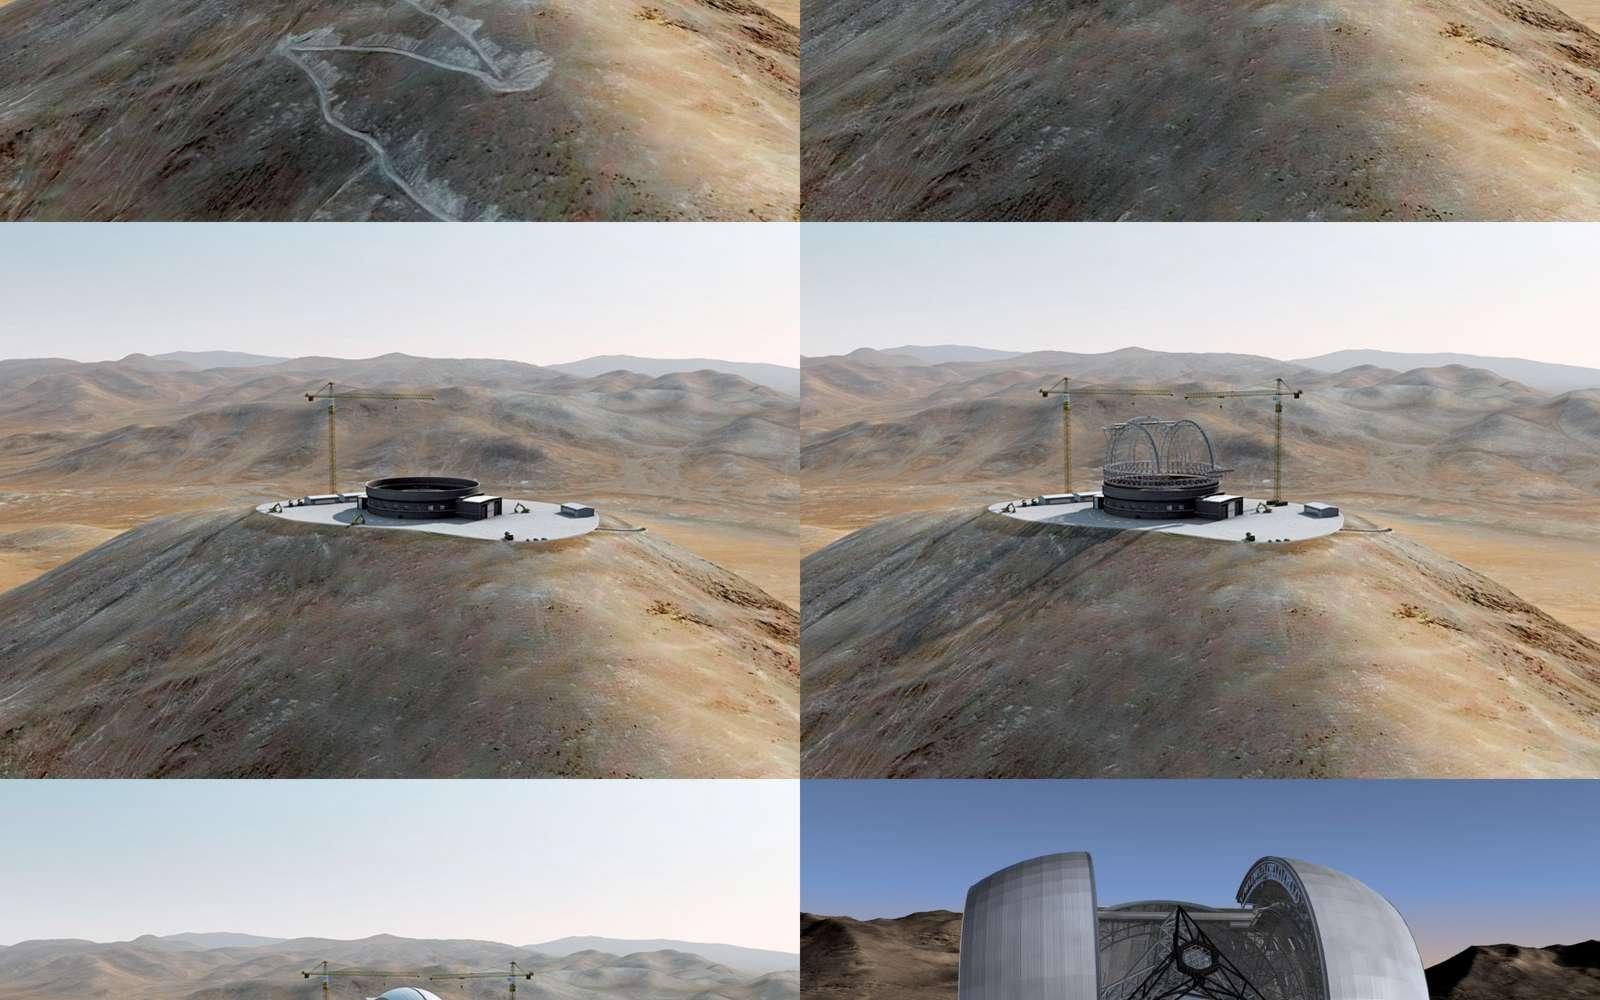 L'E-ELT sera construit au Chil et devrait être opérationnel vers 2020. Crédit ESO